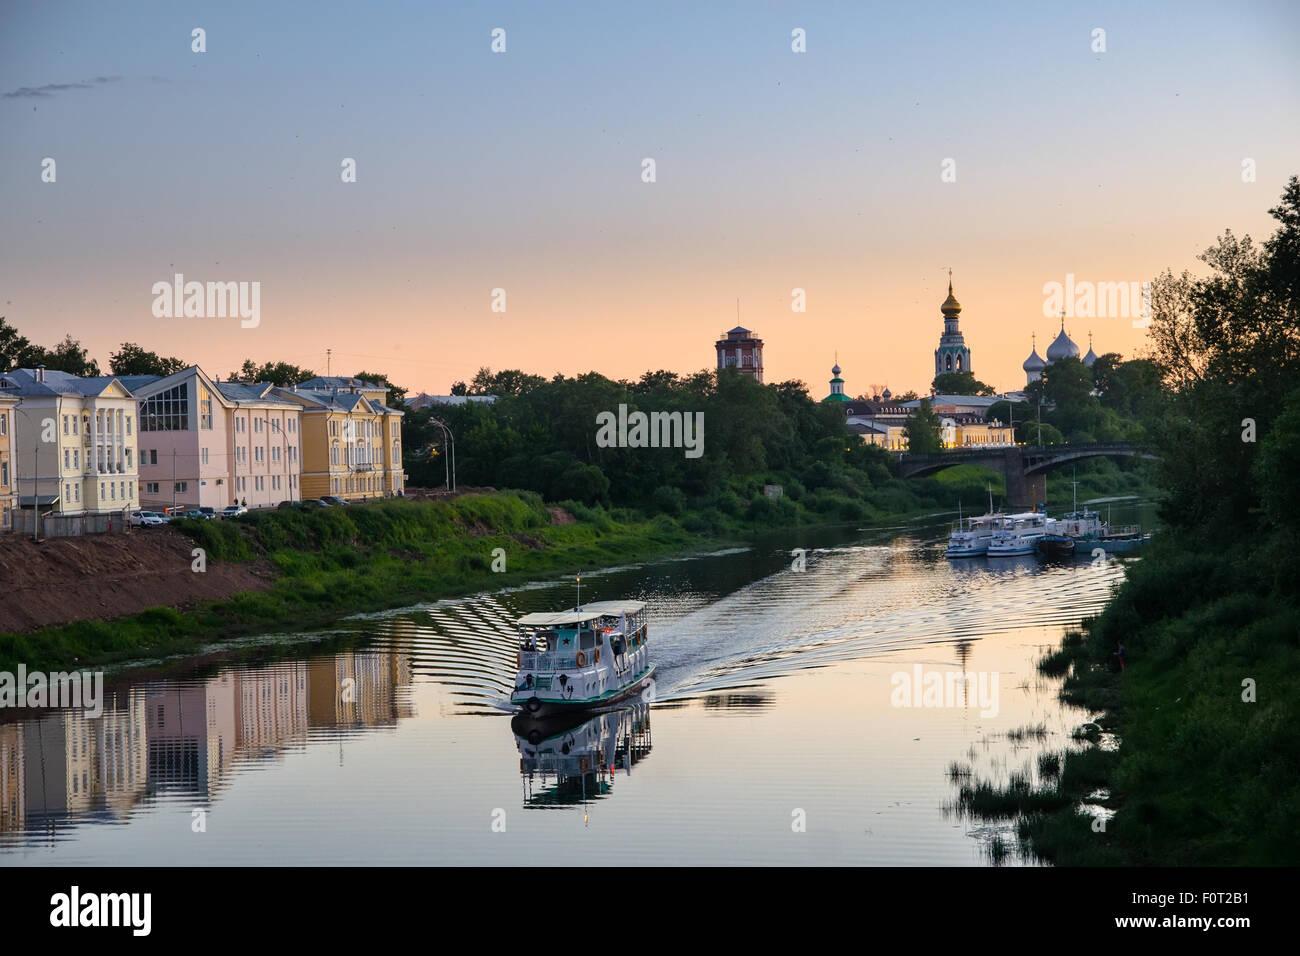 Le bateau flotte sur la rivière. La Russie. Ville Vologda Photo Stock